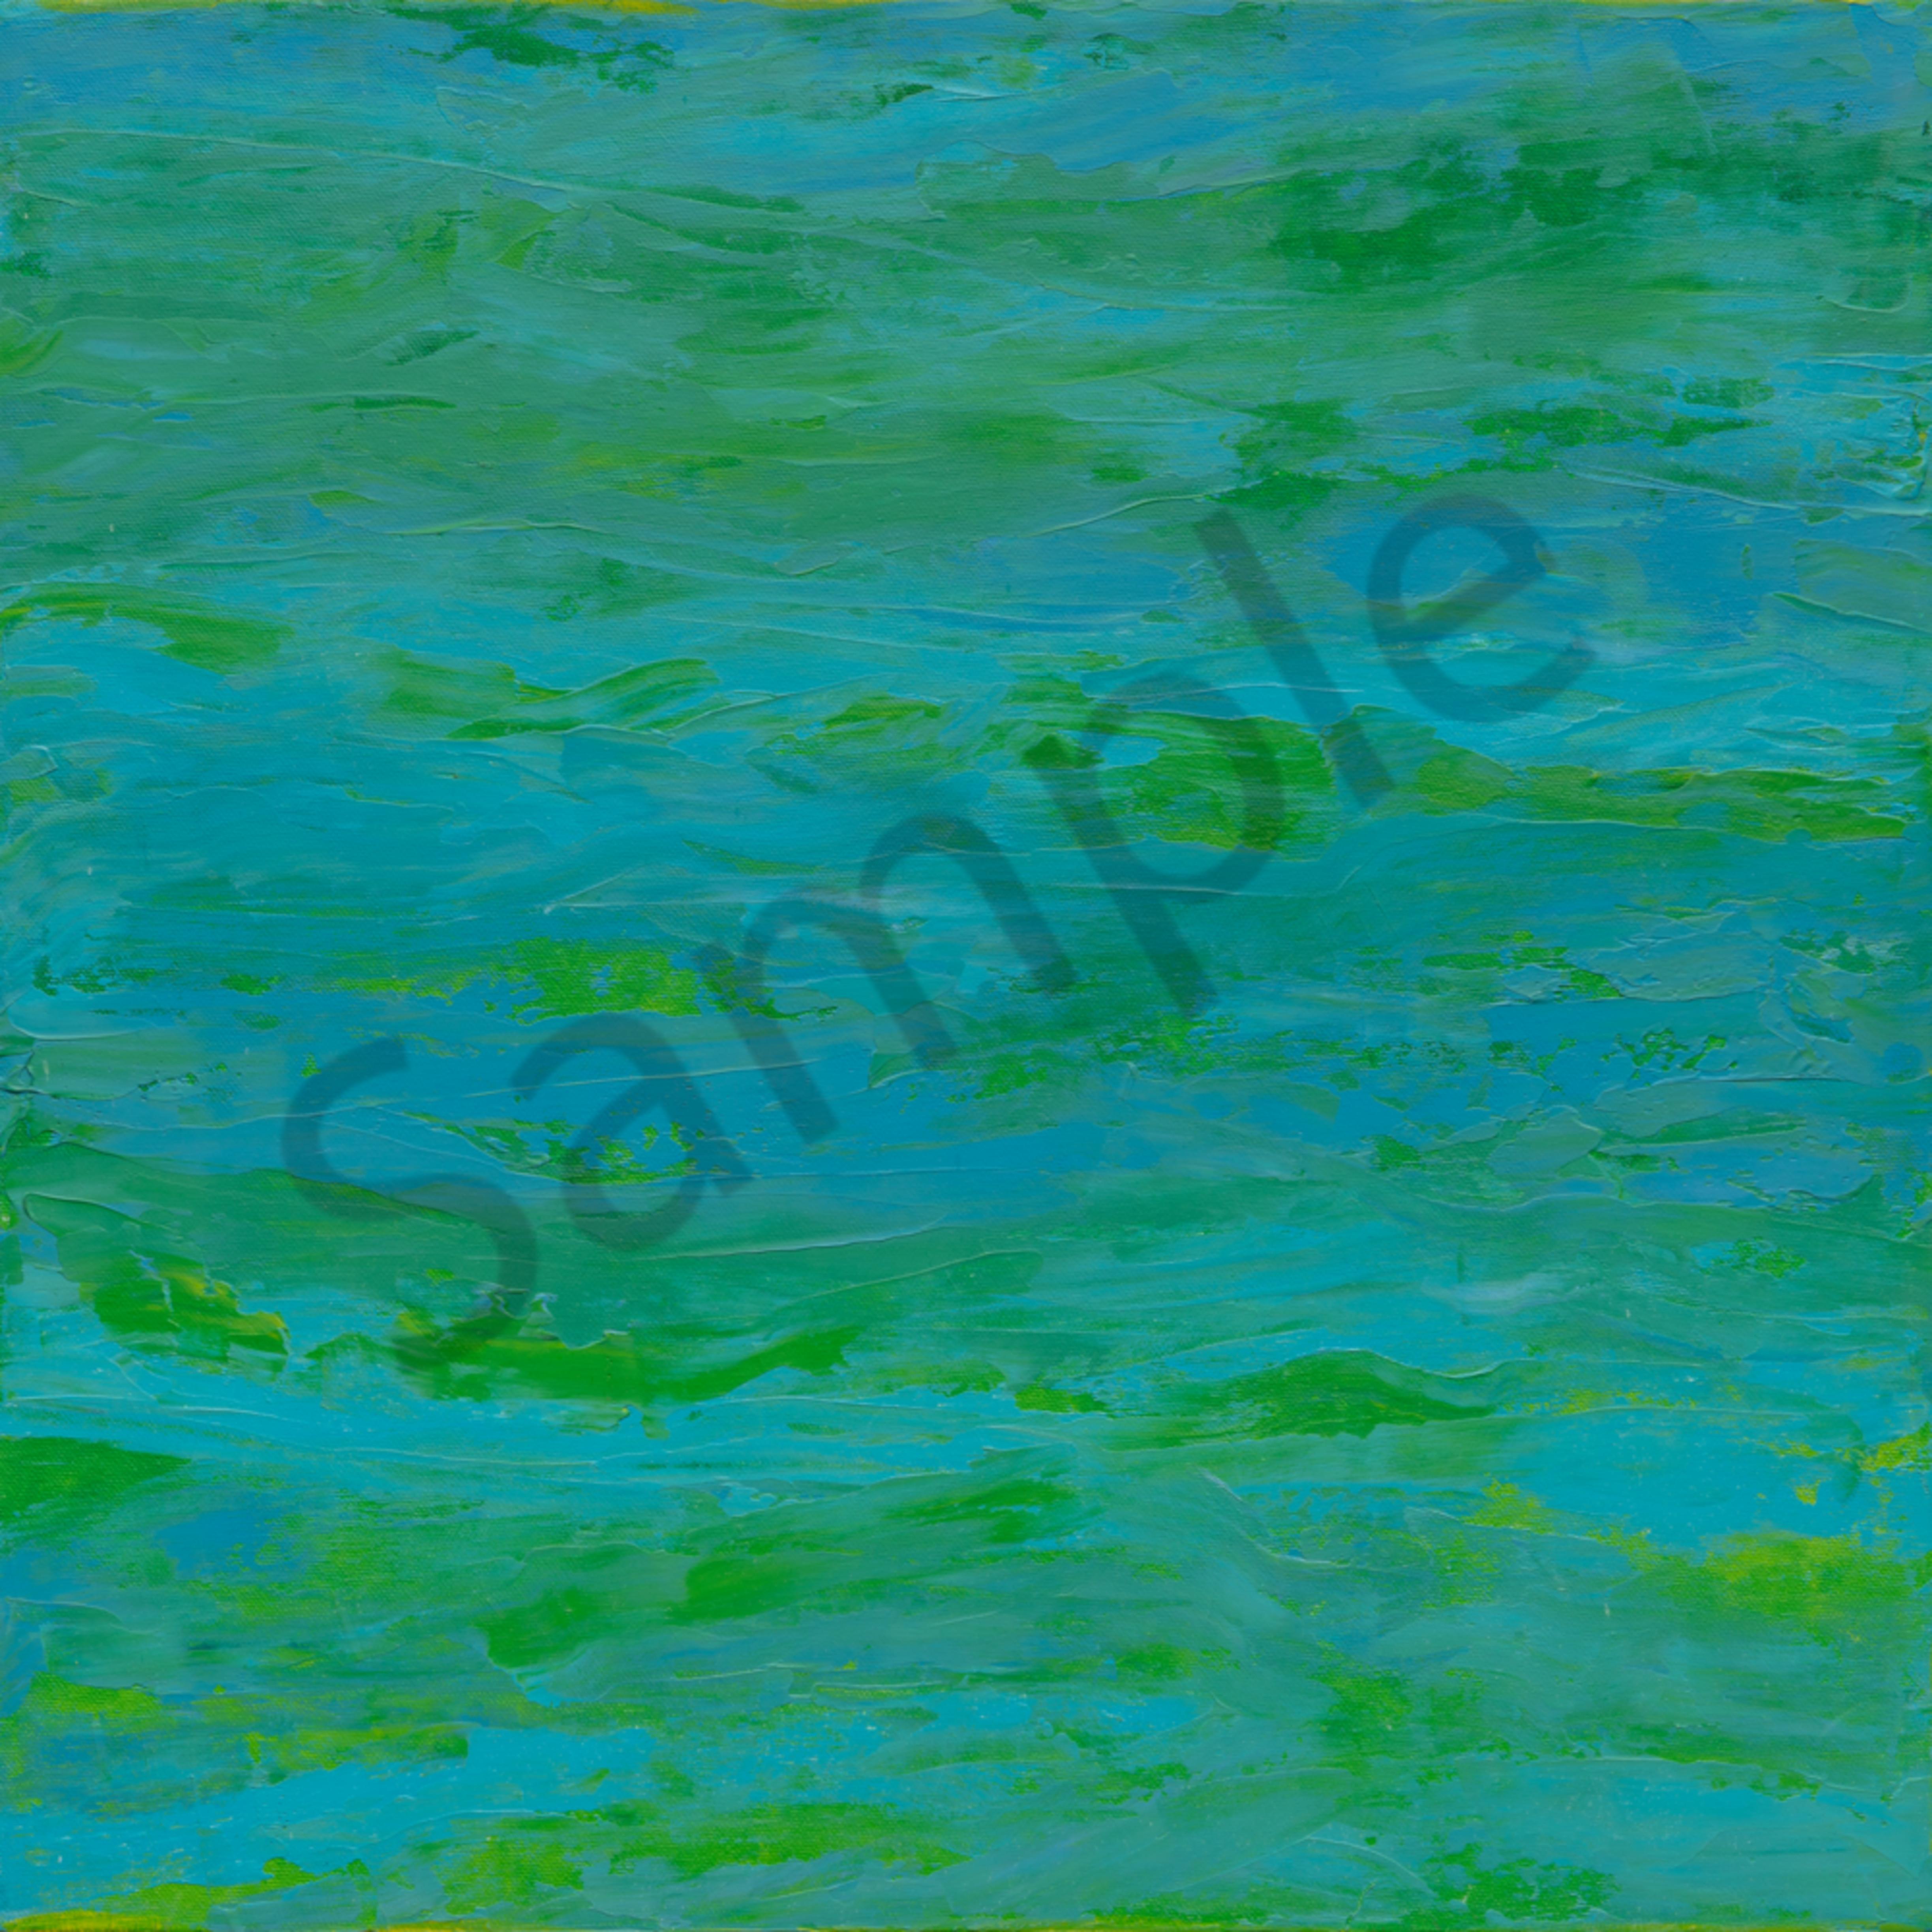 Serenity splashes abgwxy